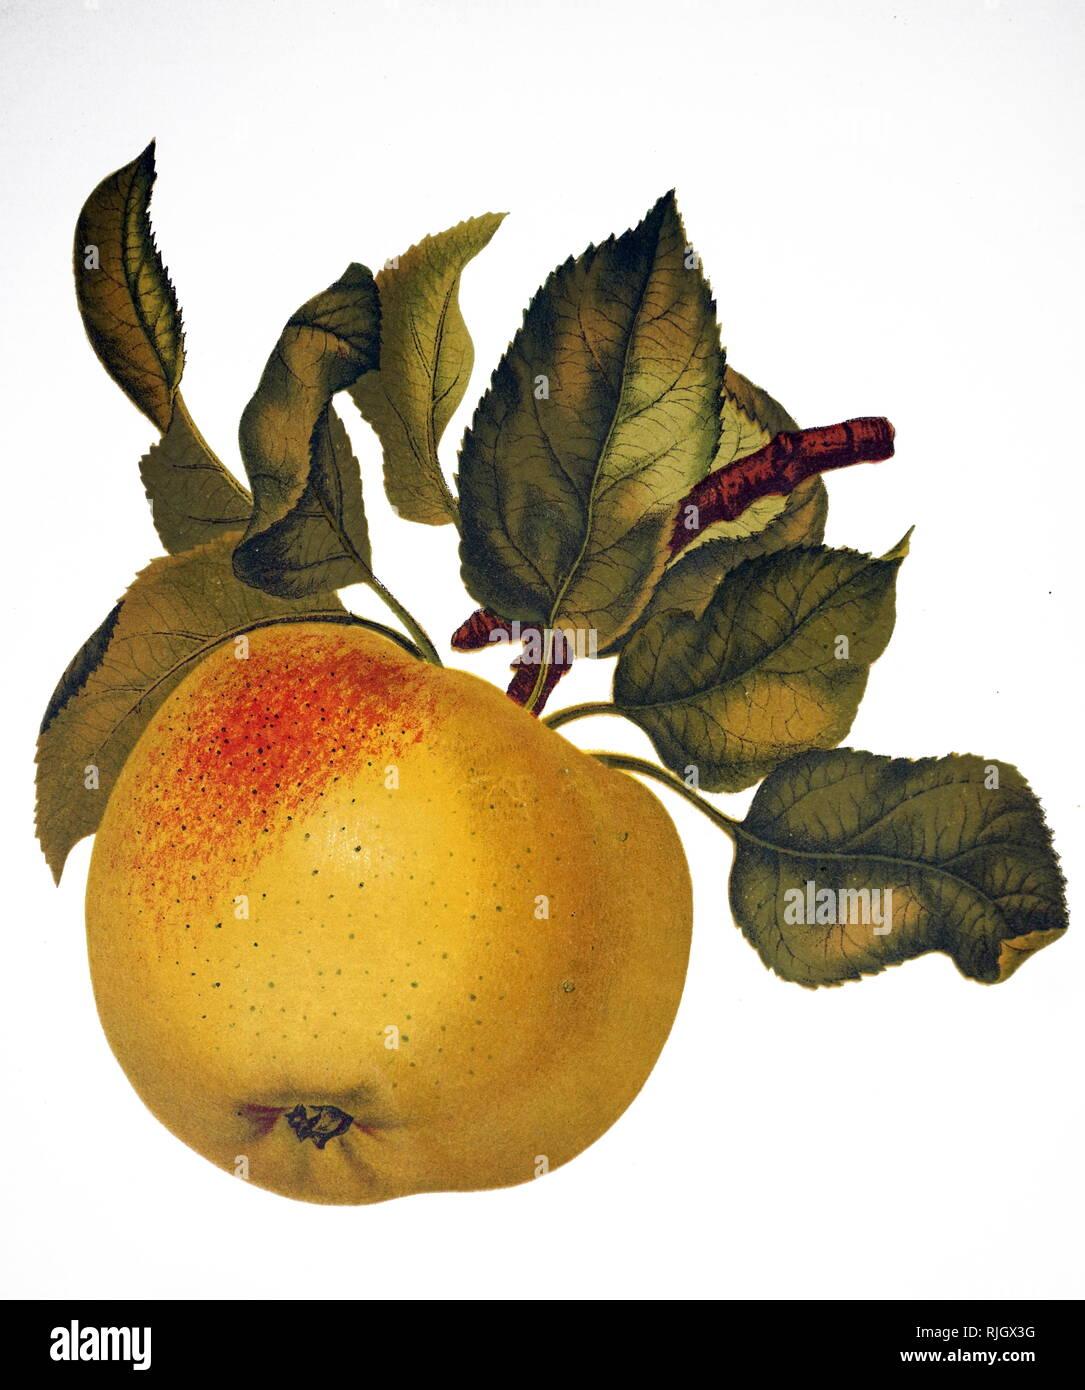 Un dipinto raffigurante il frutto di un indiano bael, noto anche come bael, Bengala mela cotogna, Golden Apple, Giapponese arancio amaro apple di pietra o legno apple, una specie di albero nativo del subcontinente indiano e del sud-est asiatico. Datata del XIX secolo Immagini Stock